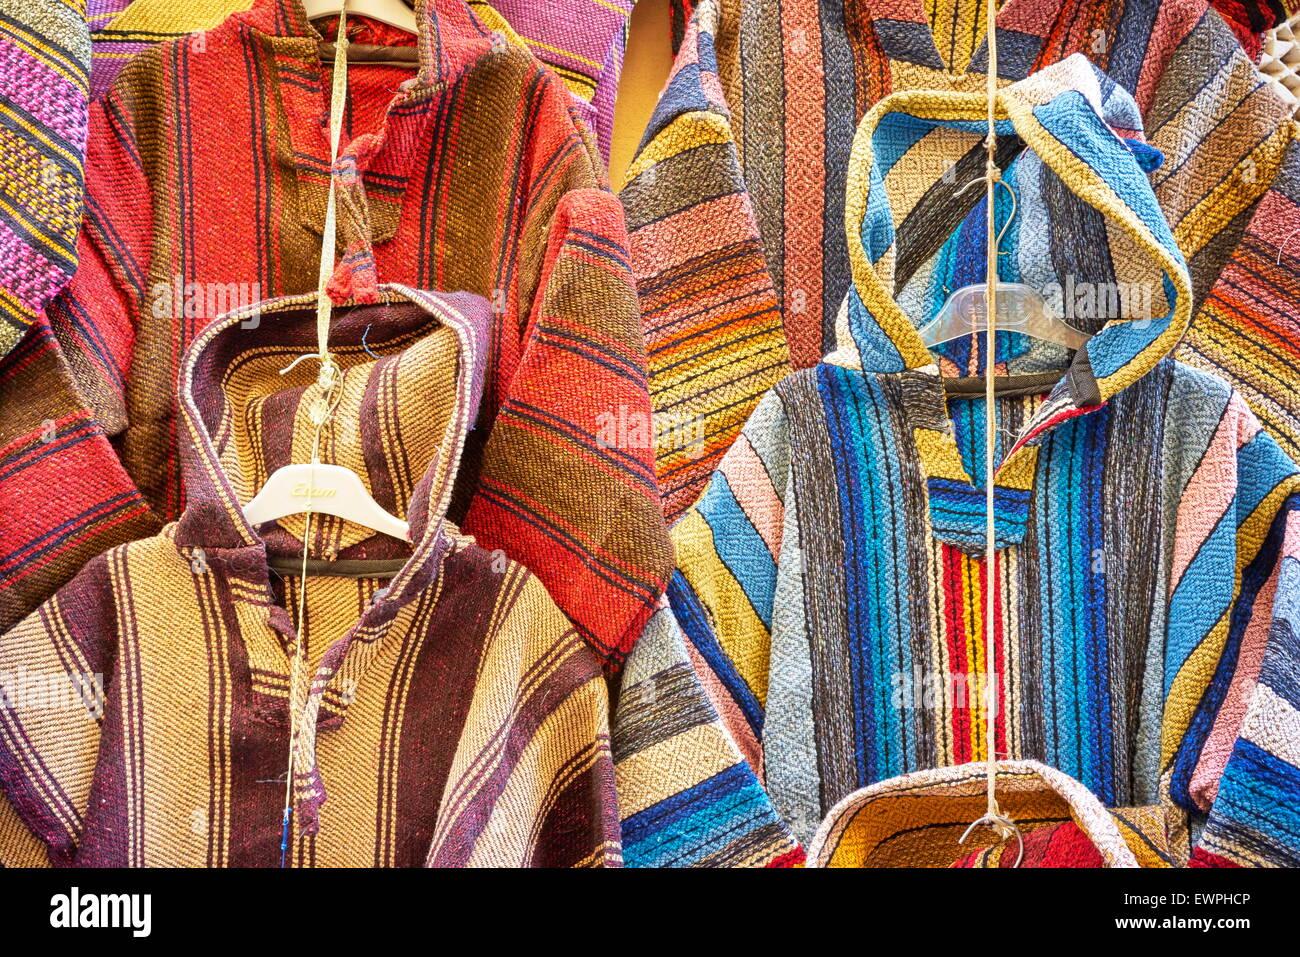 Bekleidungsgeschäft. Wolle Djellabas, Berber marokkanische traditionelle Kleidung. Marokko Stockbild